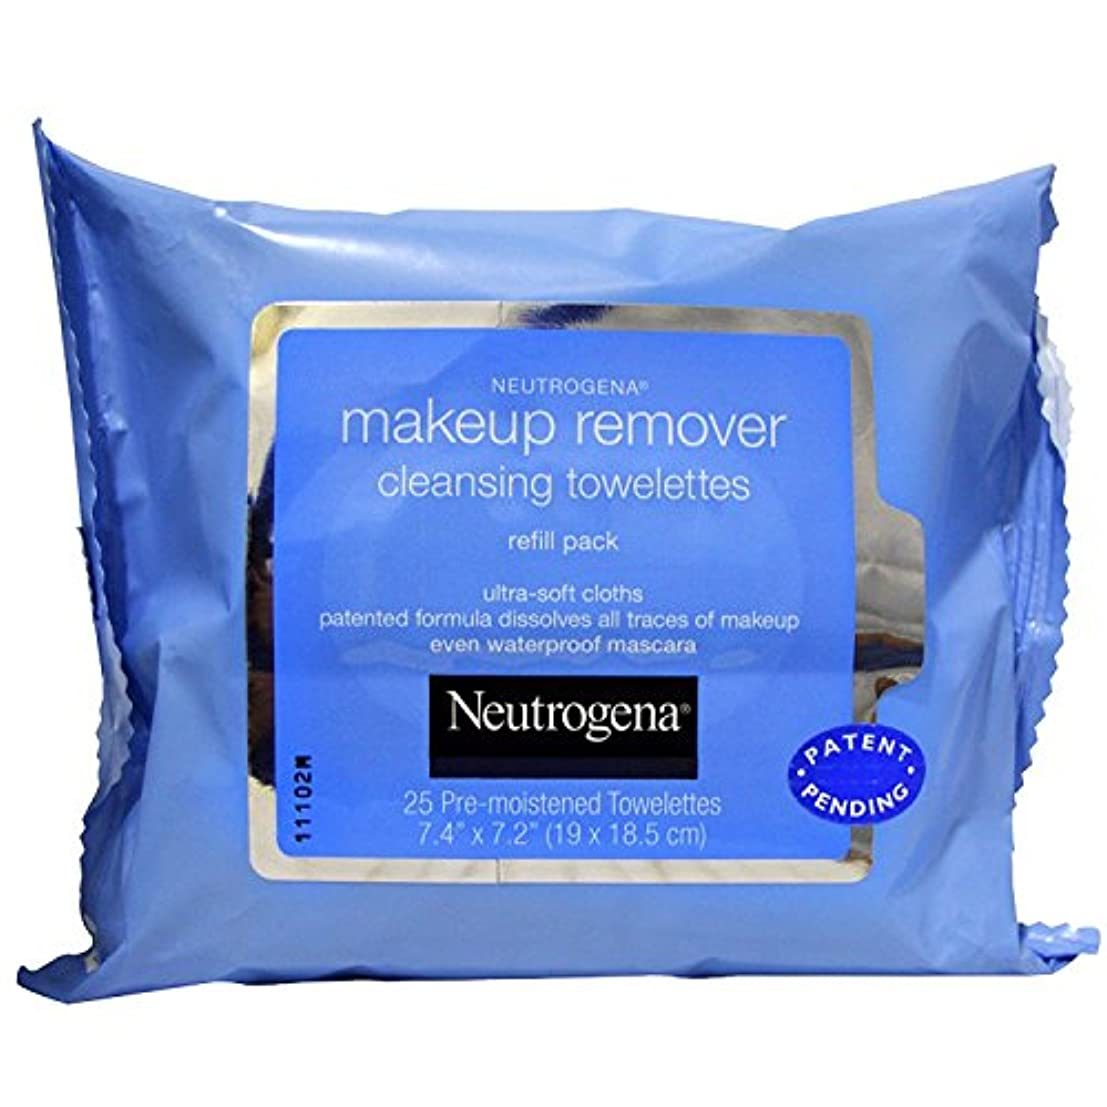 伝導率堤防小康NEUTROGENA Makeup Remover Cleansing Towelettes Refill Pack - 25 Count - 25 Towelettes